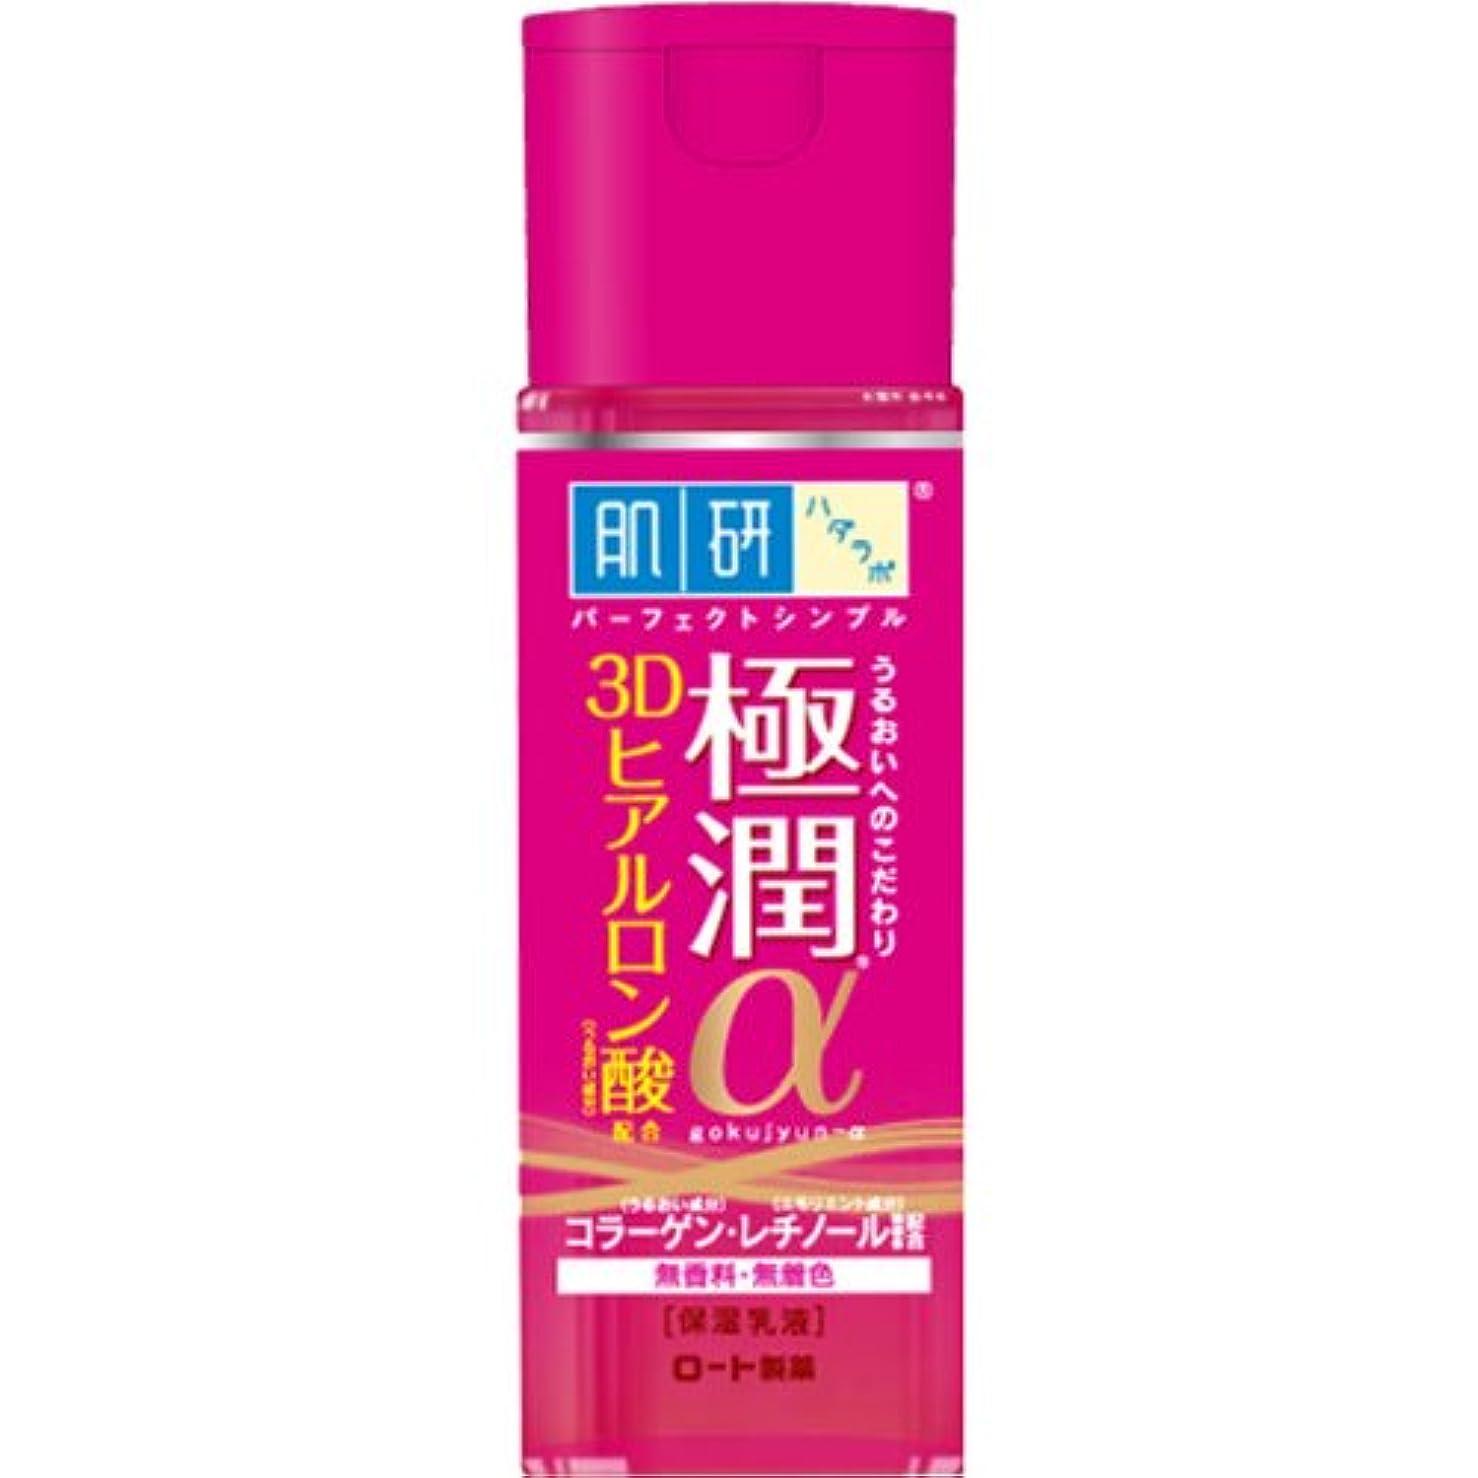 劣る野望傘肌研(ハダラボ) 極潤 α乳液 140mL